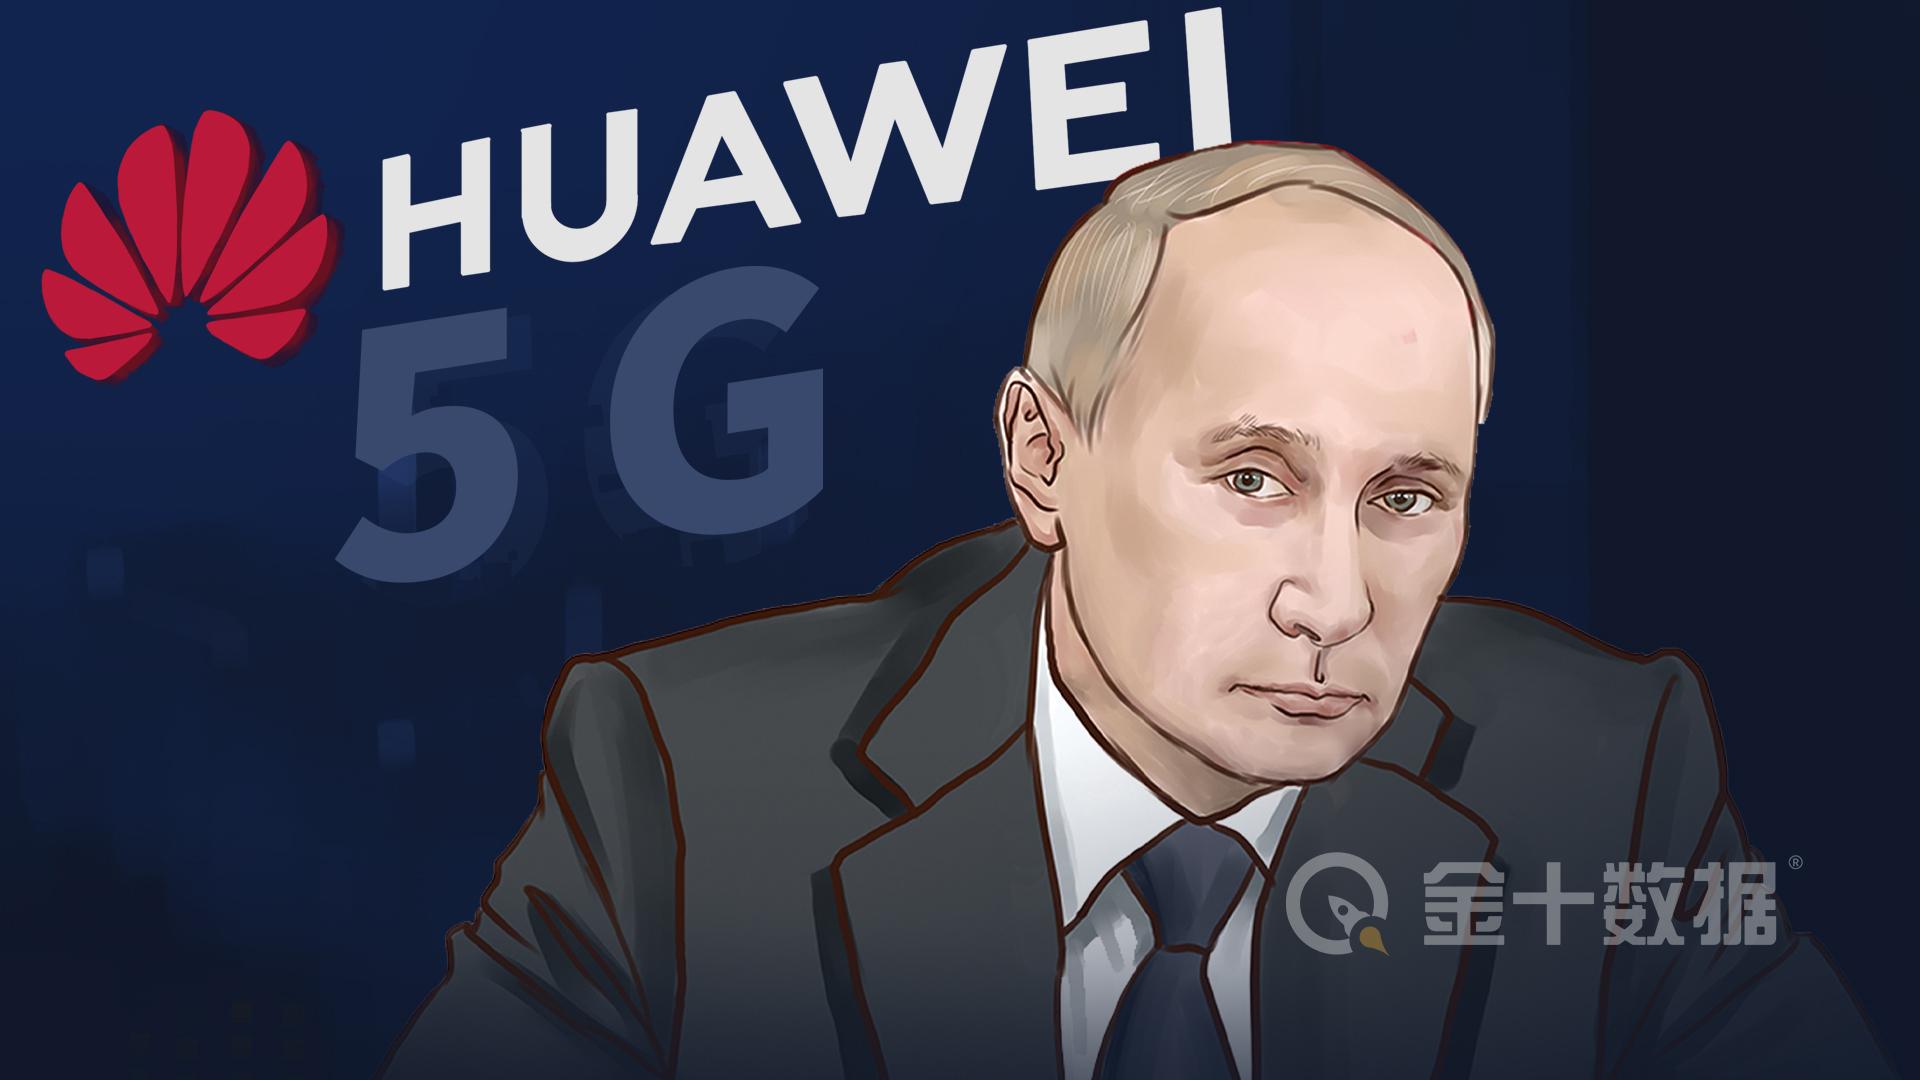 刚刚,俄罗斯正式表态:将与华为开展5G合作